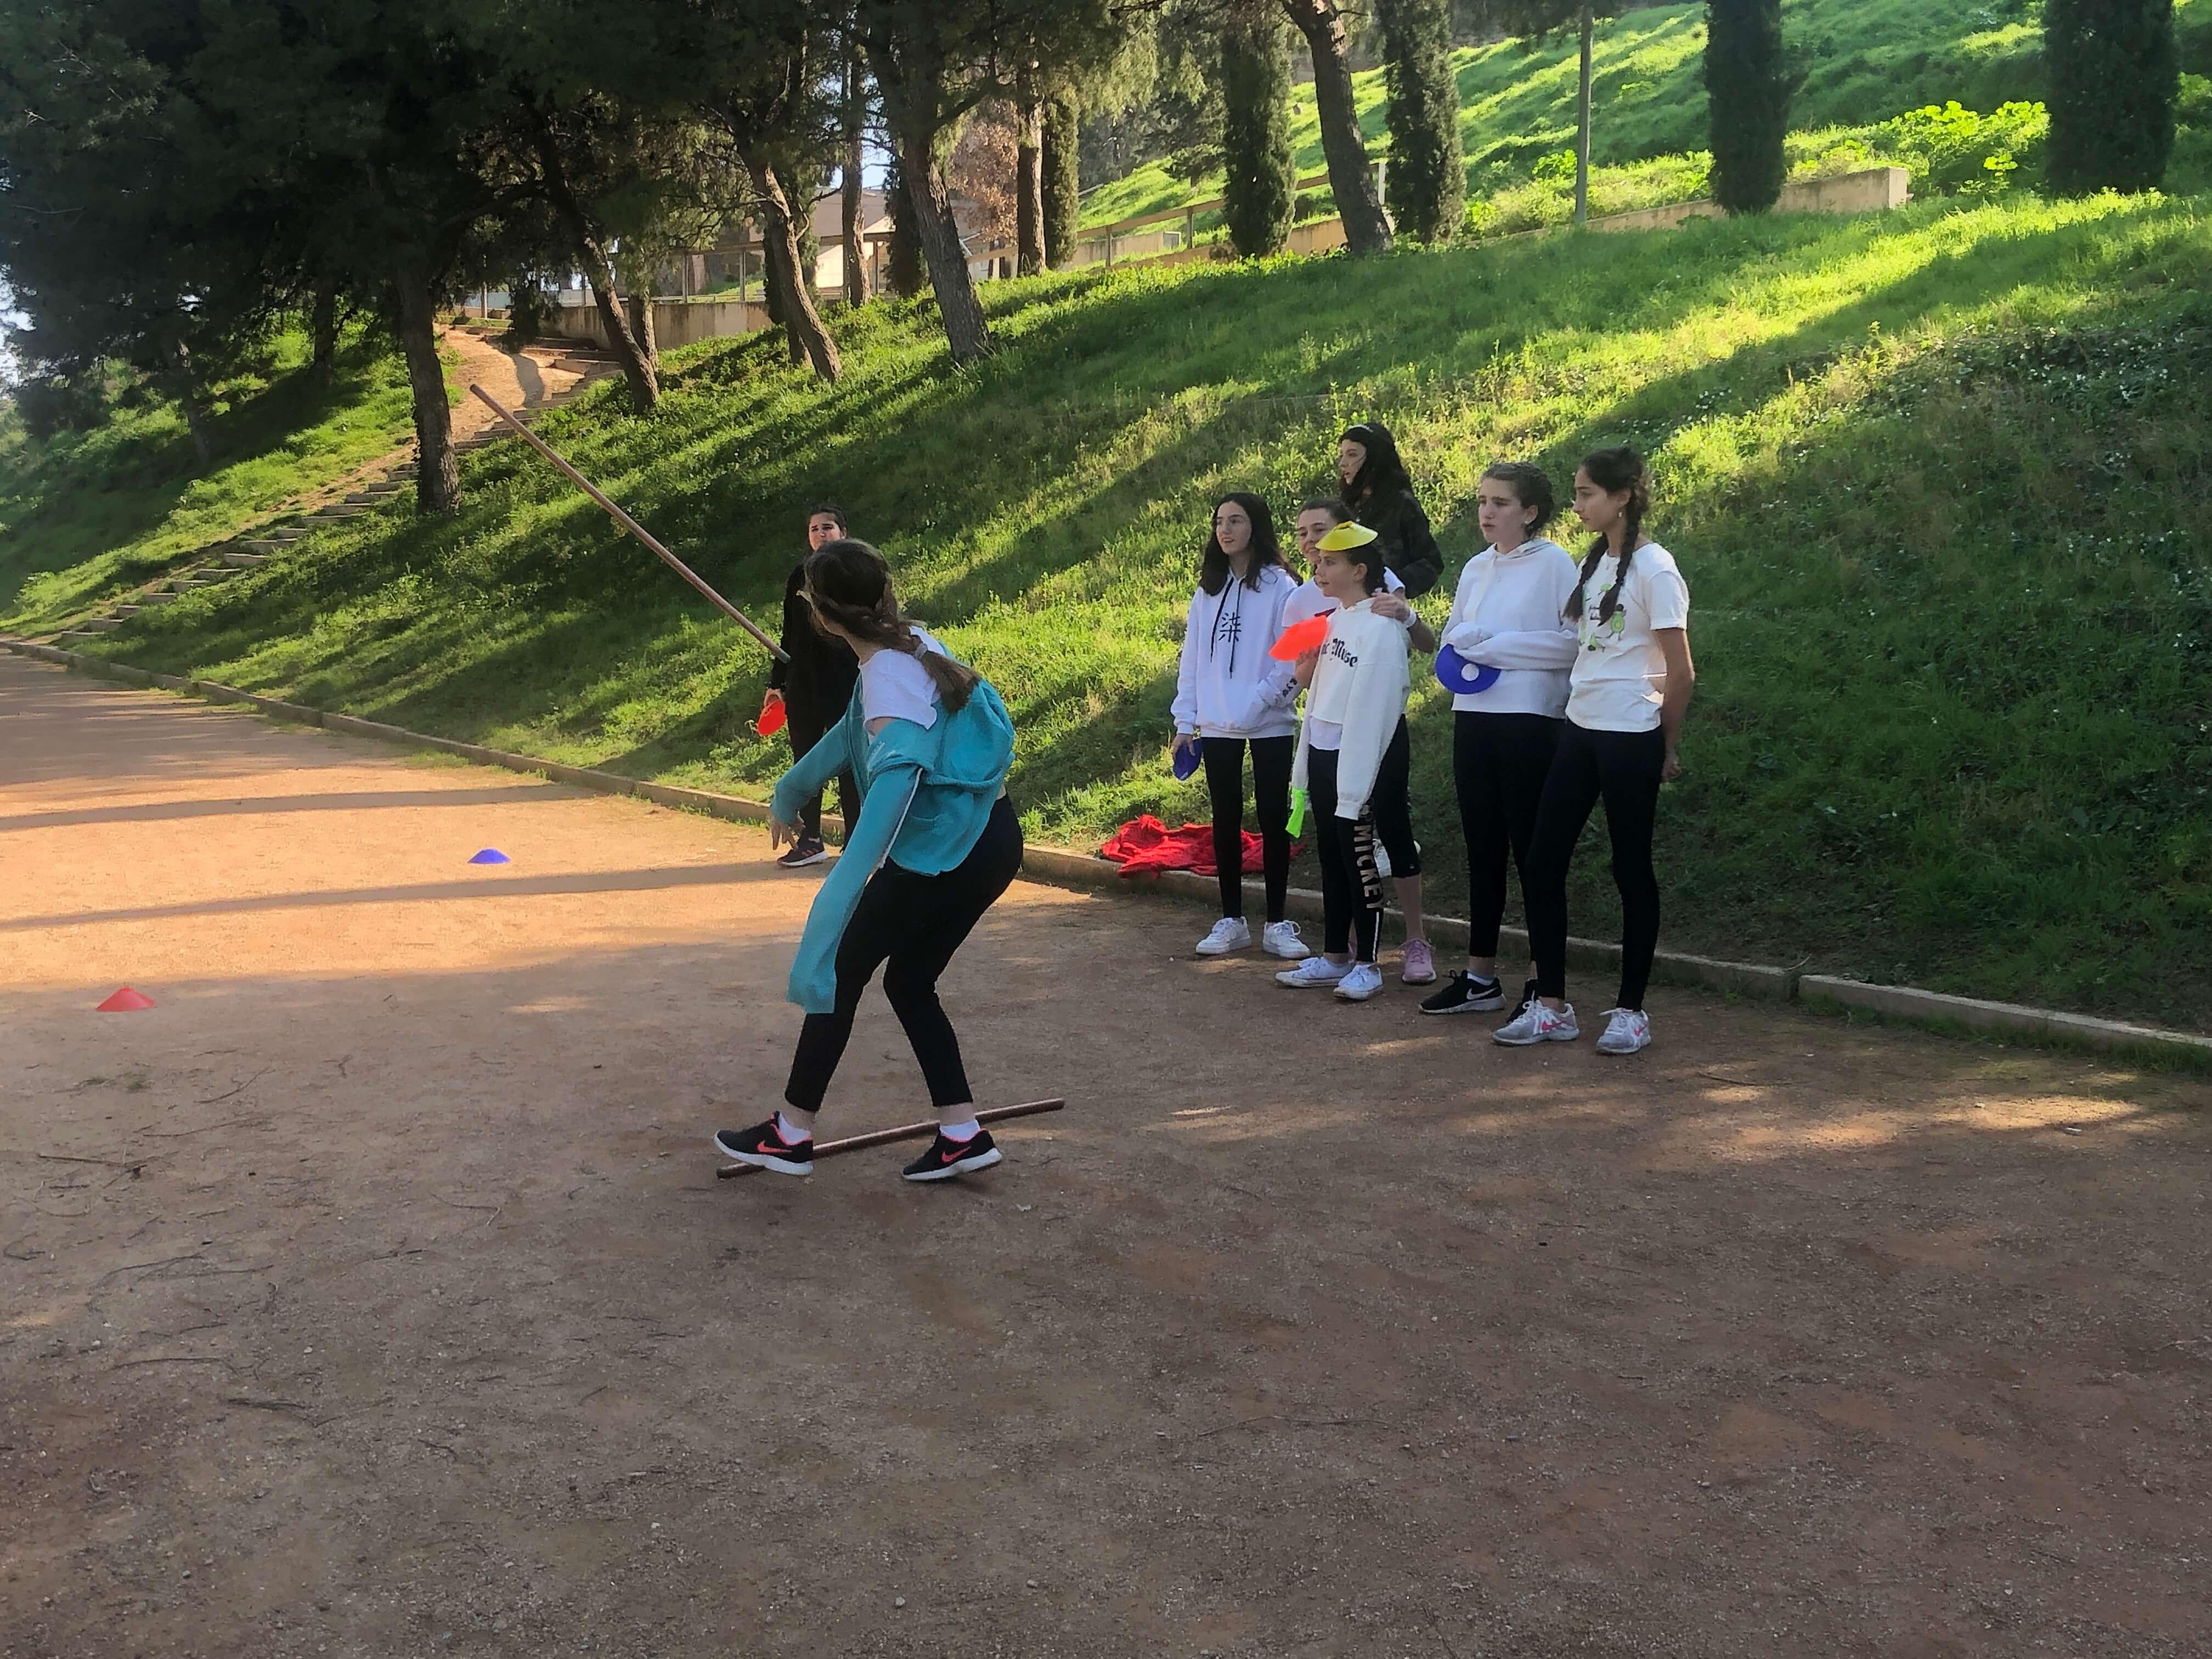 Jocs Olímpics a l'Antiga Grècia - 53